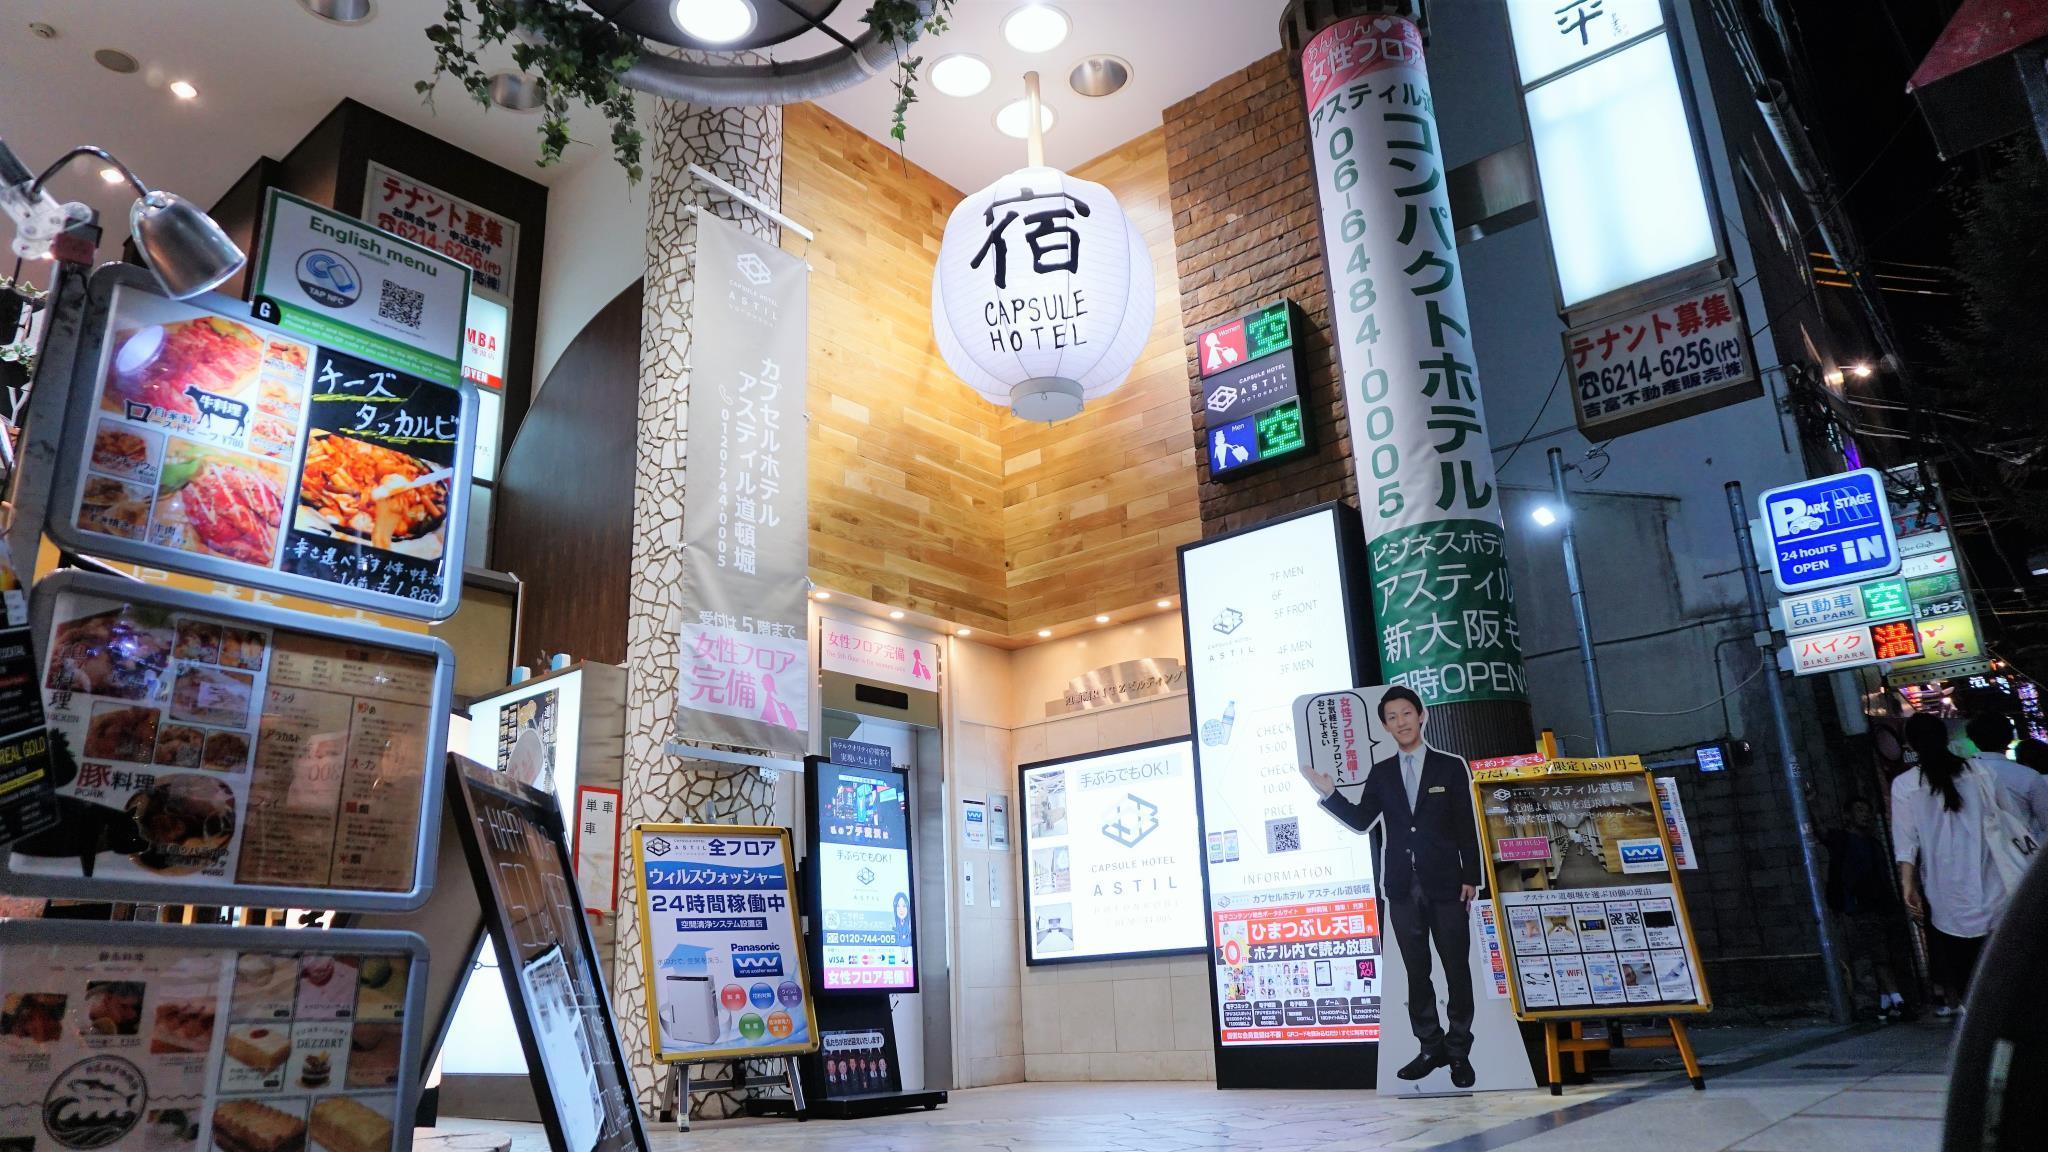 Astil酒店 - 新大阪 Astil Hotel Shin Osaka